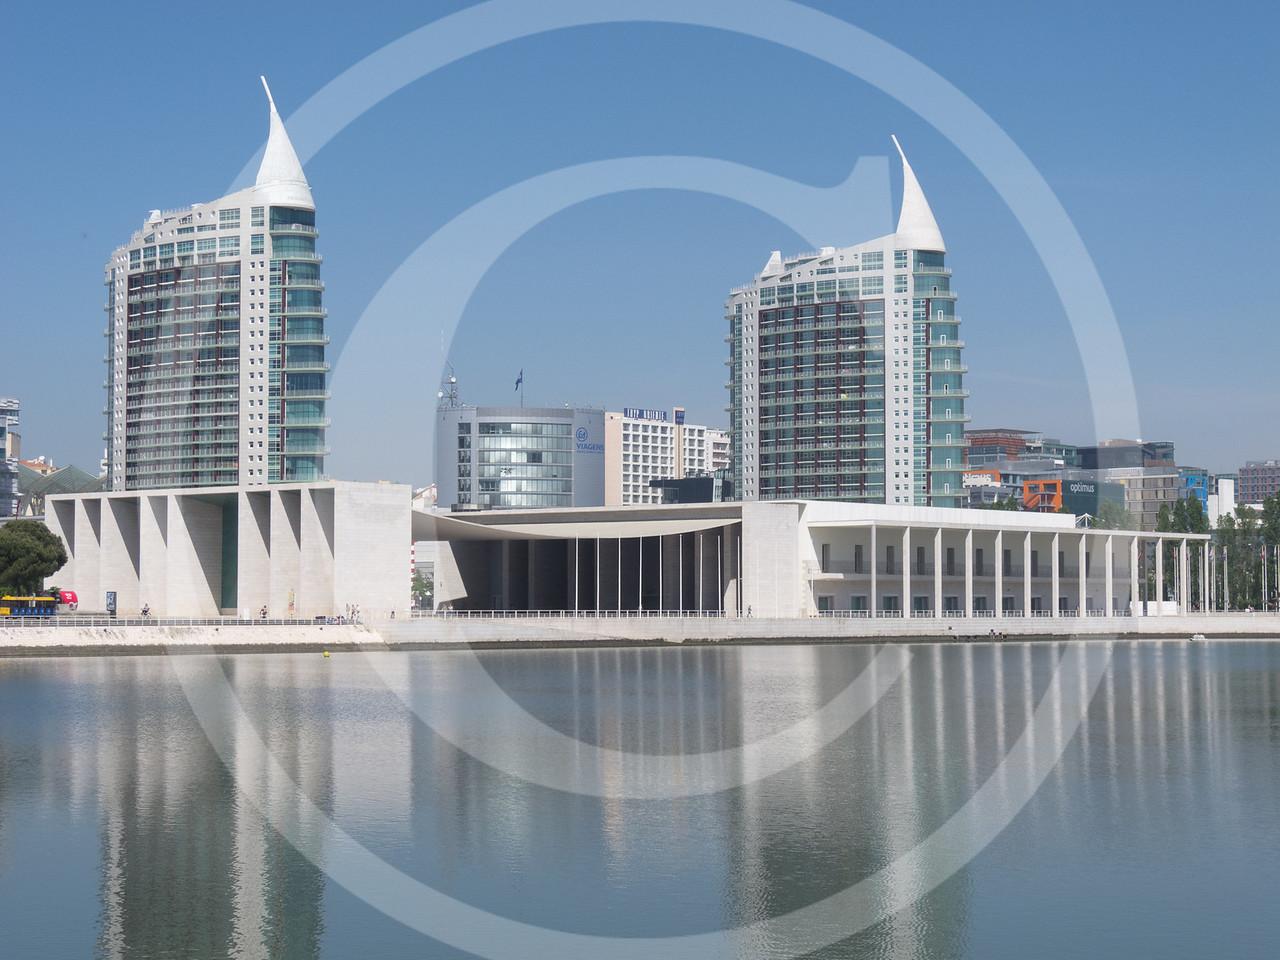 Lisboa0420111415-248